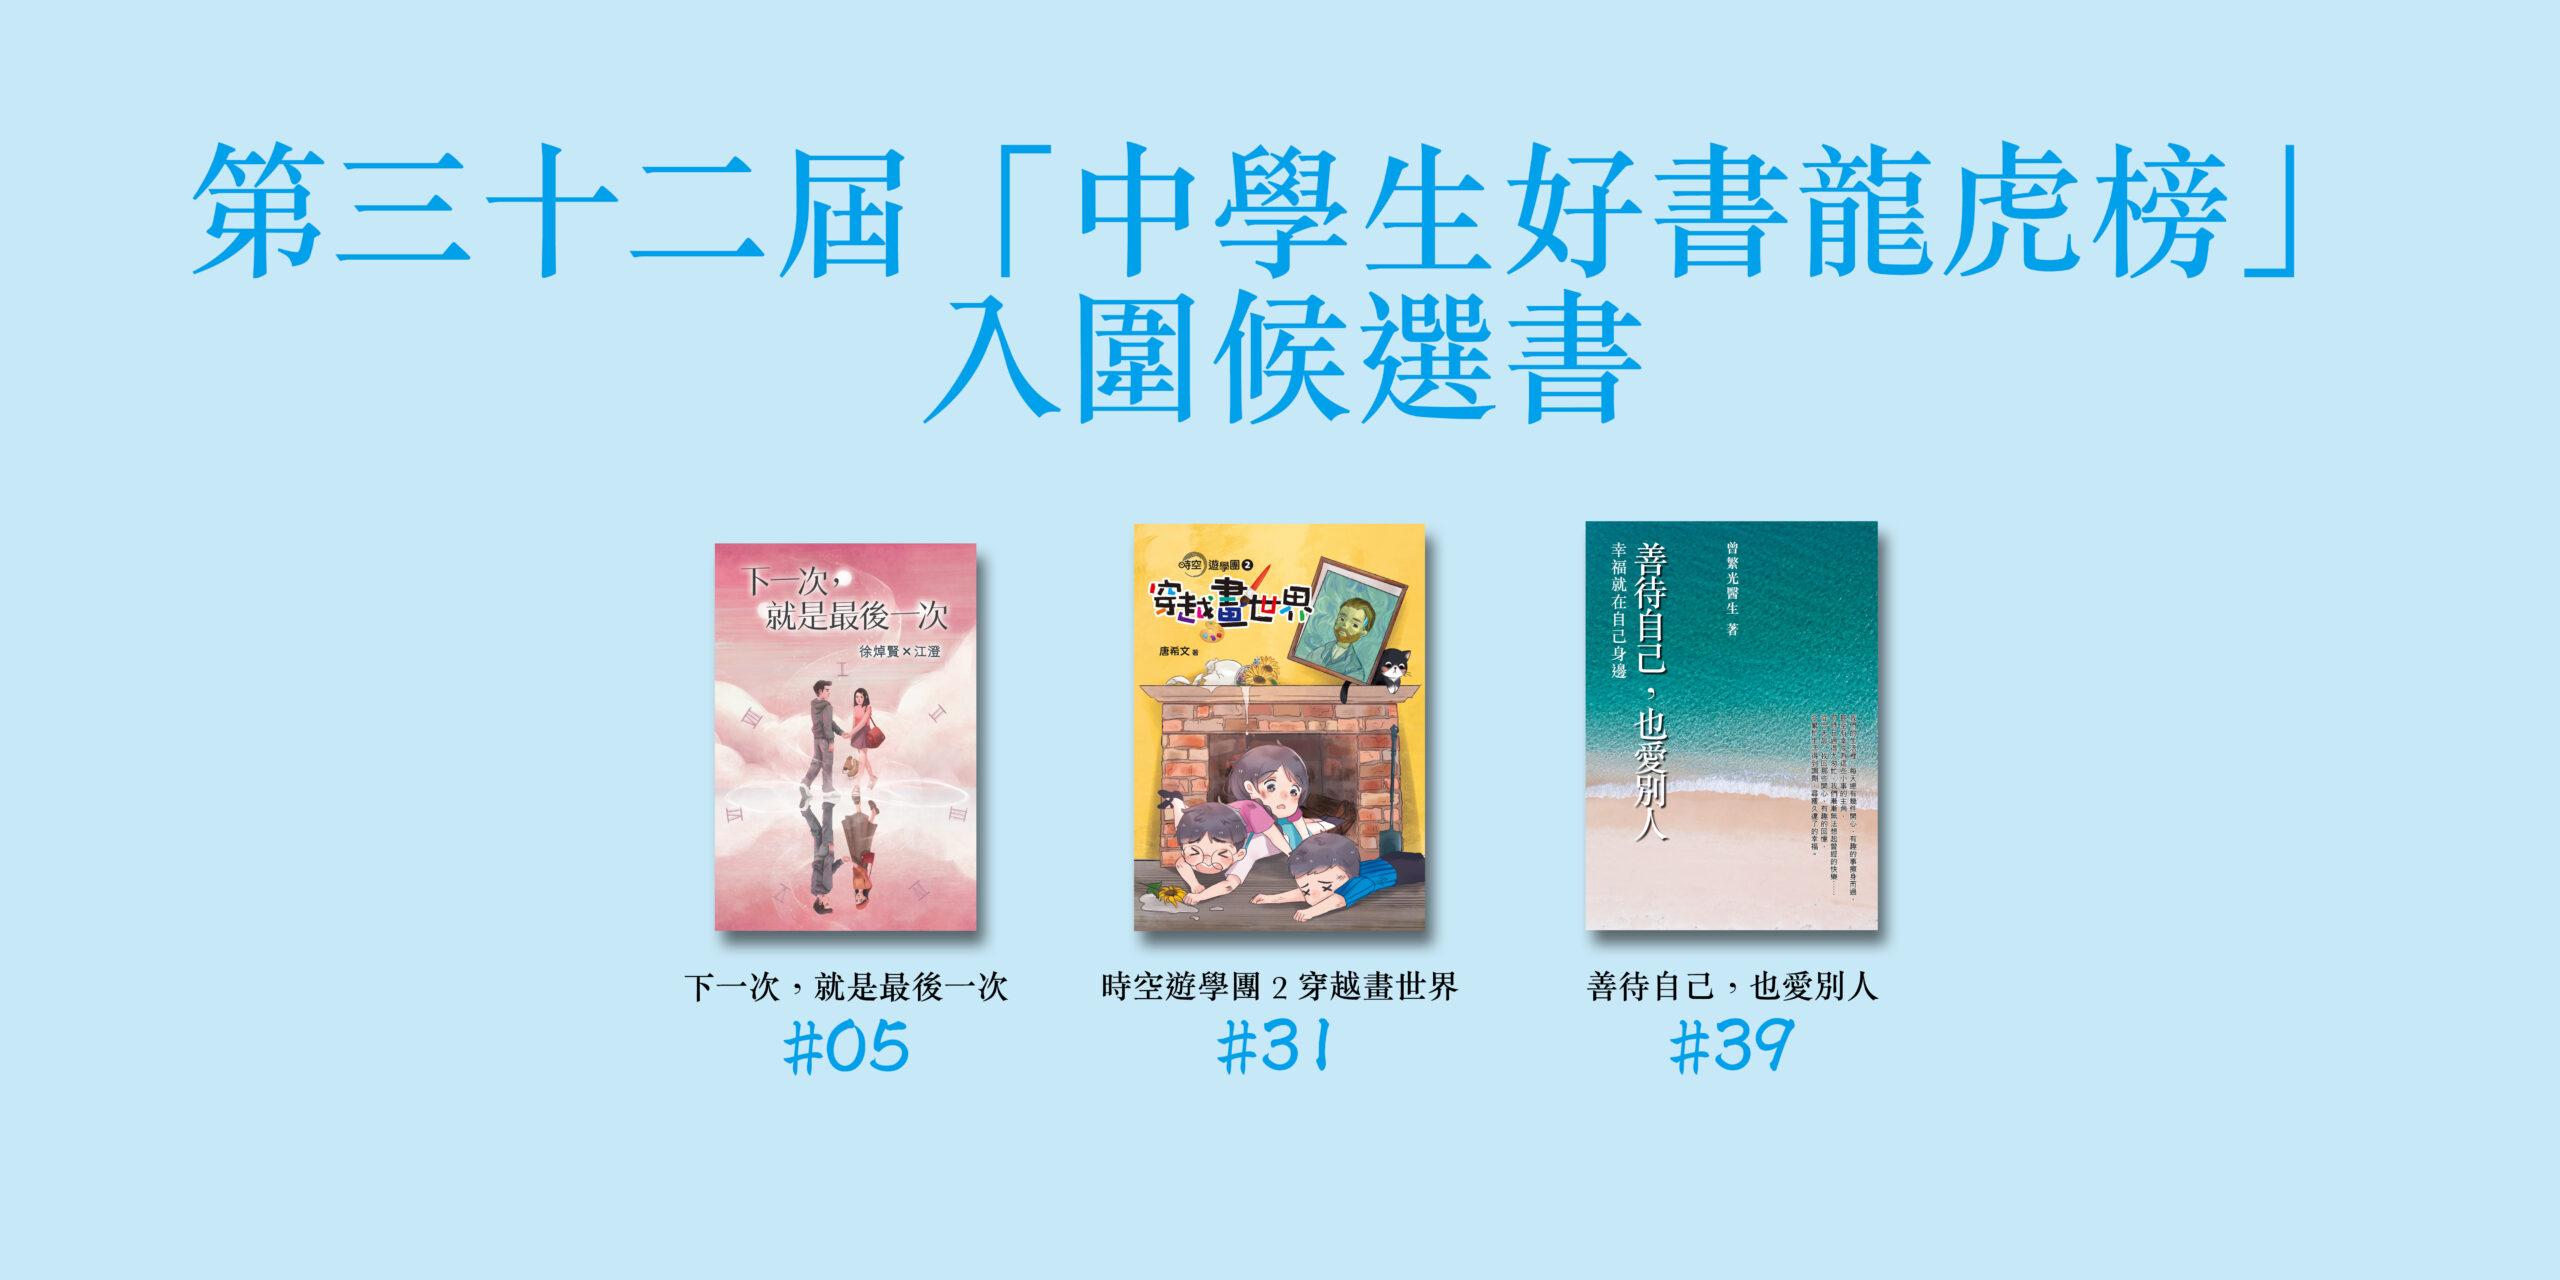 第三十二屆「中學生好書龍虎榜」入圍候選書